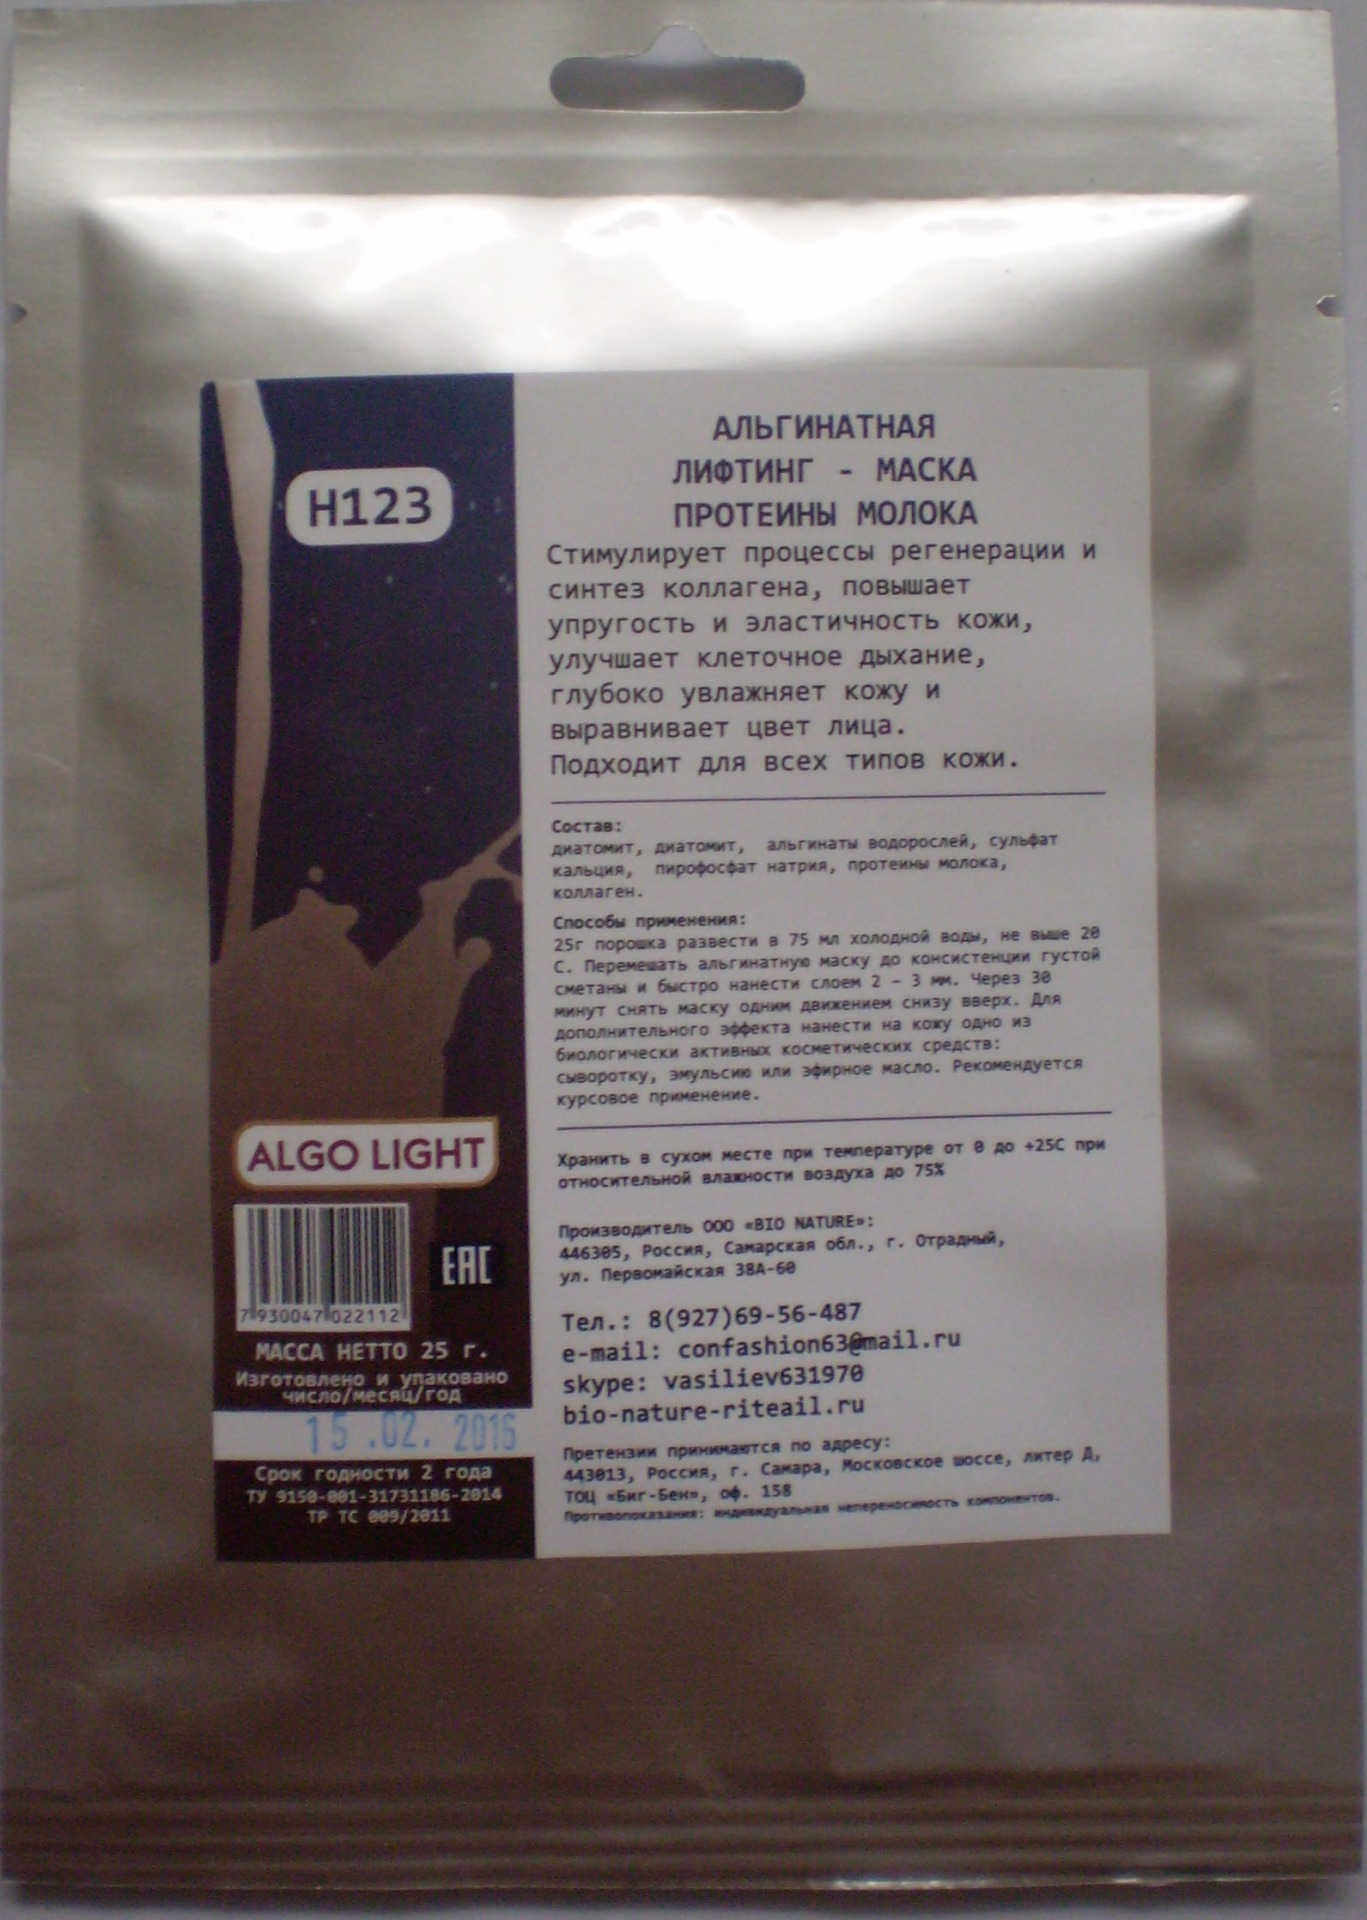 ALGO LIGHT Маска увлажняющая протеины молока / ALGO LIGHT 25 грМаски<br>Воздействие: стимулирует процессы регенерации и синтез коллагена, повышает упругость и эластичность кожи, улучшает клеточное дыхание, глубоко увлажняет кожу и выравнивает цвет лица. Область применения: для всех типов кожи. Активные ингредиенты: диатомит, диатомит, альгинаты водорослей, сульфат кальция, пирофосфат натрия, протеины молока, коллаген. Способ применения: 25г порошка развести в 75 мл холодной воды, не выше 20 С. Перемешать альгинатную маску до консистенции густой сметаны и быстро нанести слоем 2   3 мм. Через 30 минут снять маску одним движением снизу вверх. Для дополнительного эффекта нанести на кожу одно из биологически активных косметических средств: сыворотку, эмульсию или эфирное масло. Рекомендуется курсовое применение.<br><br>Вид средства для лица: Увлажняющий<br>Возраст применения: После 30<br>Типы кожи: Для всех типов